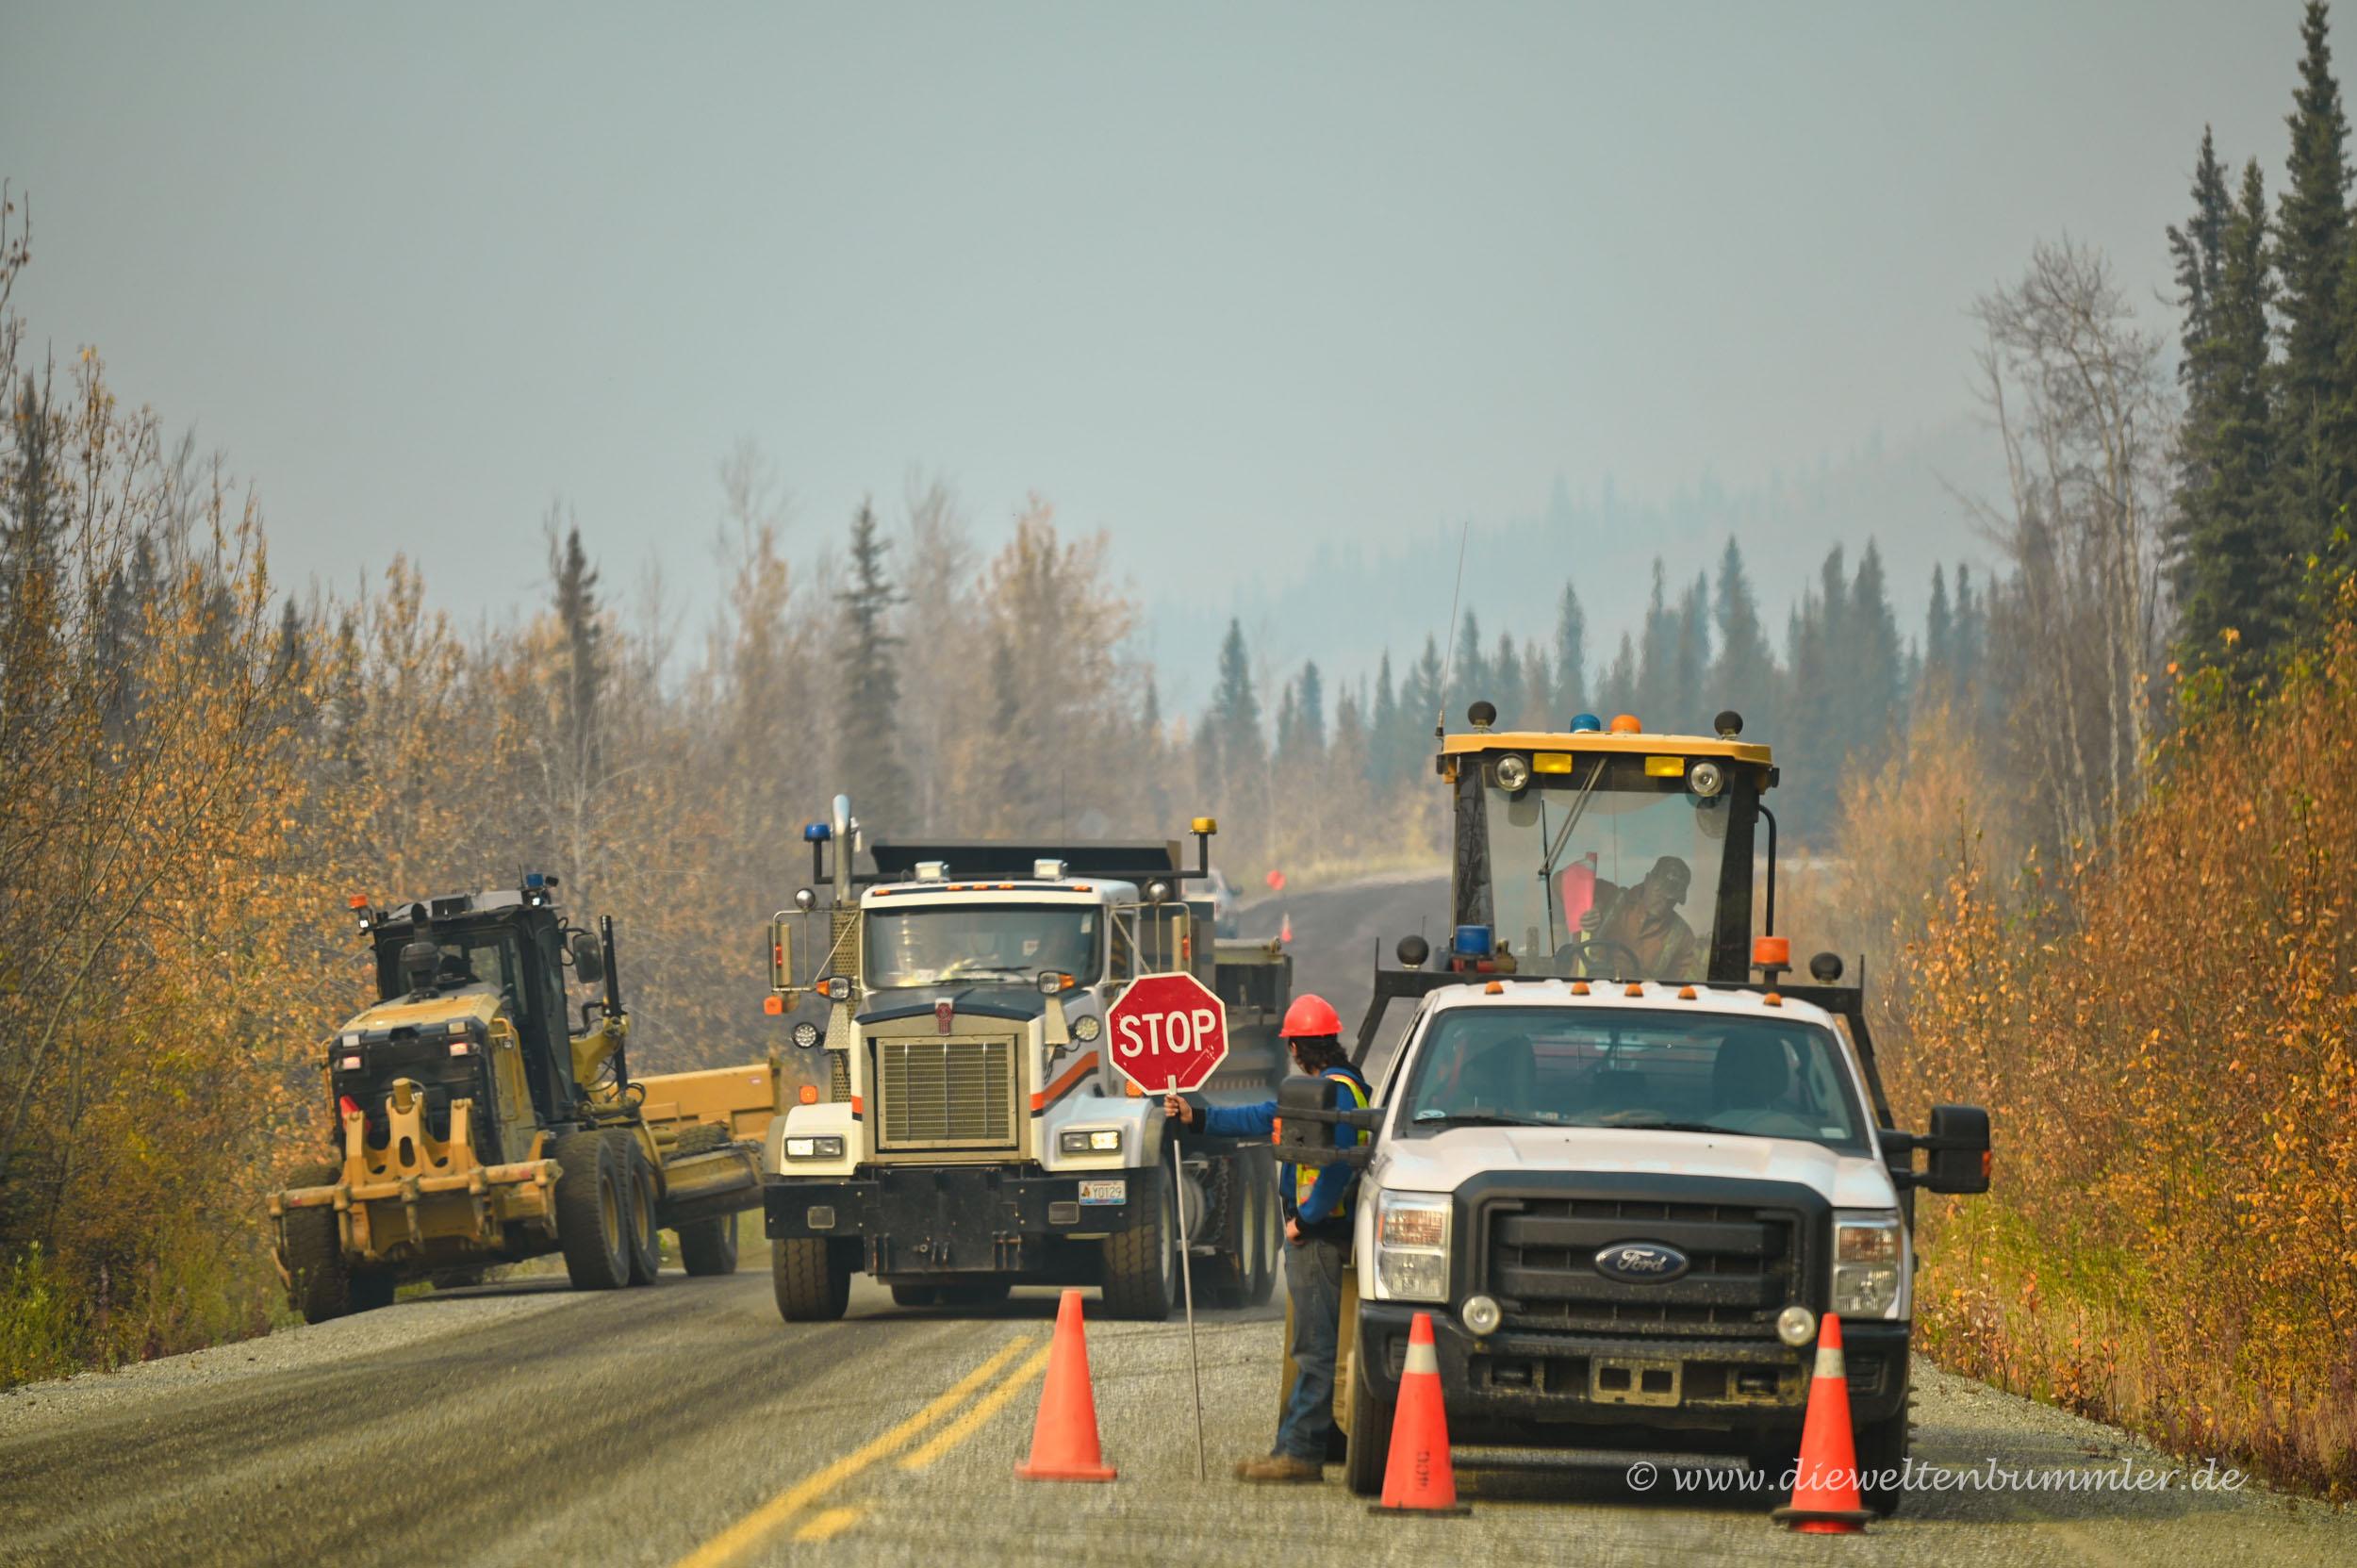 Baustelle auf dem Klondike Highway